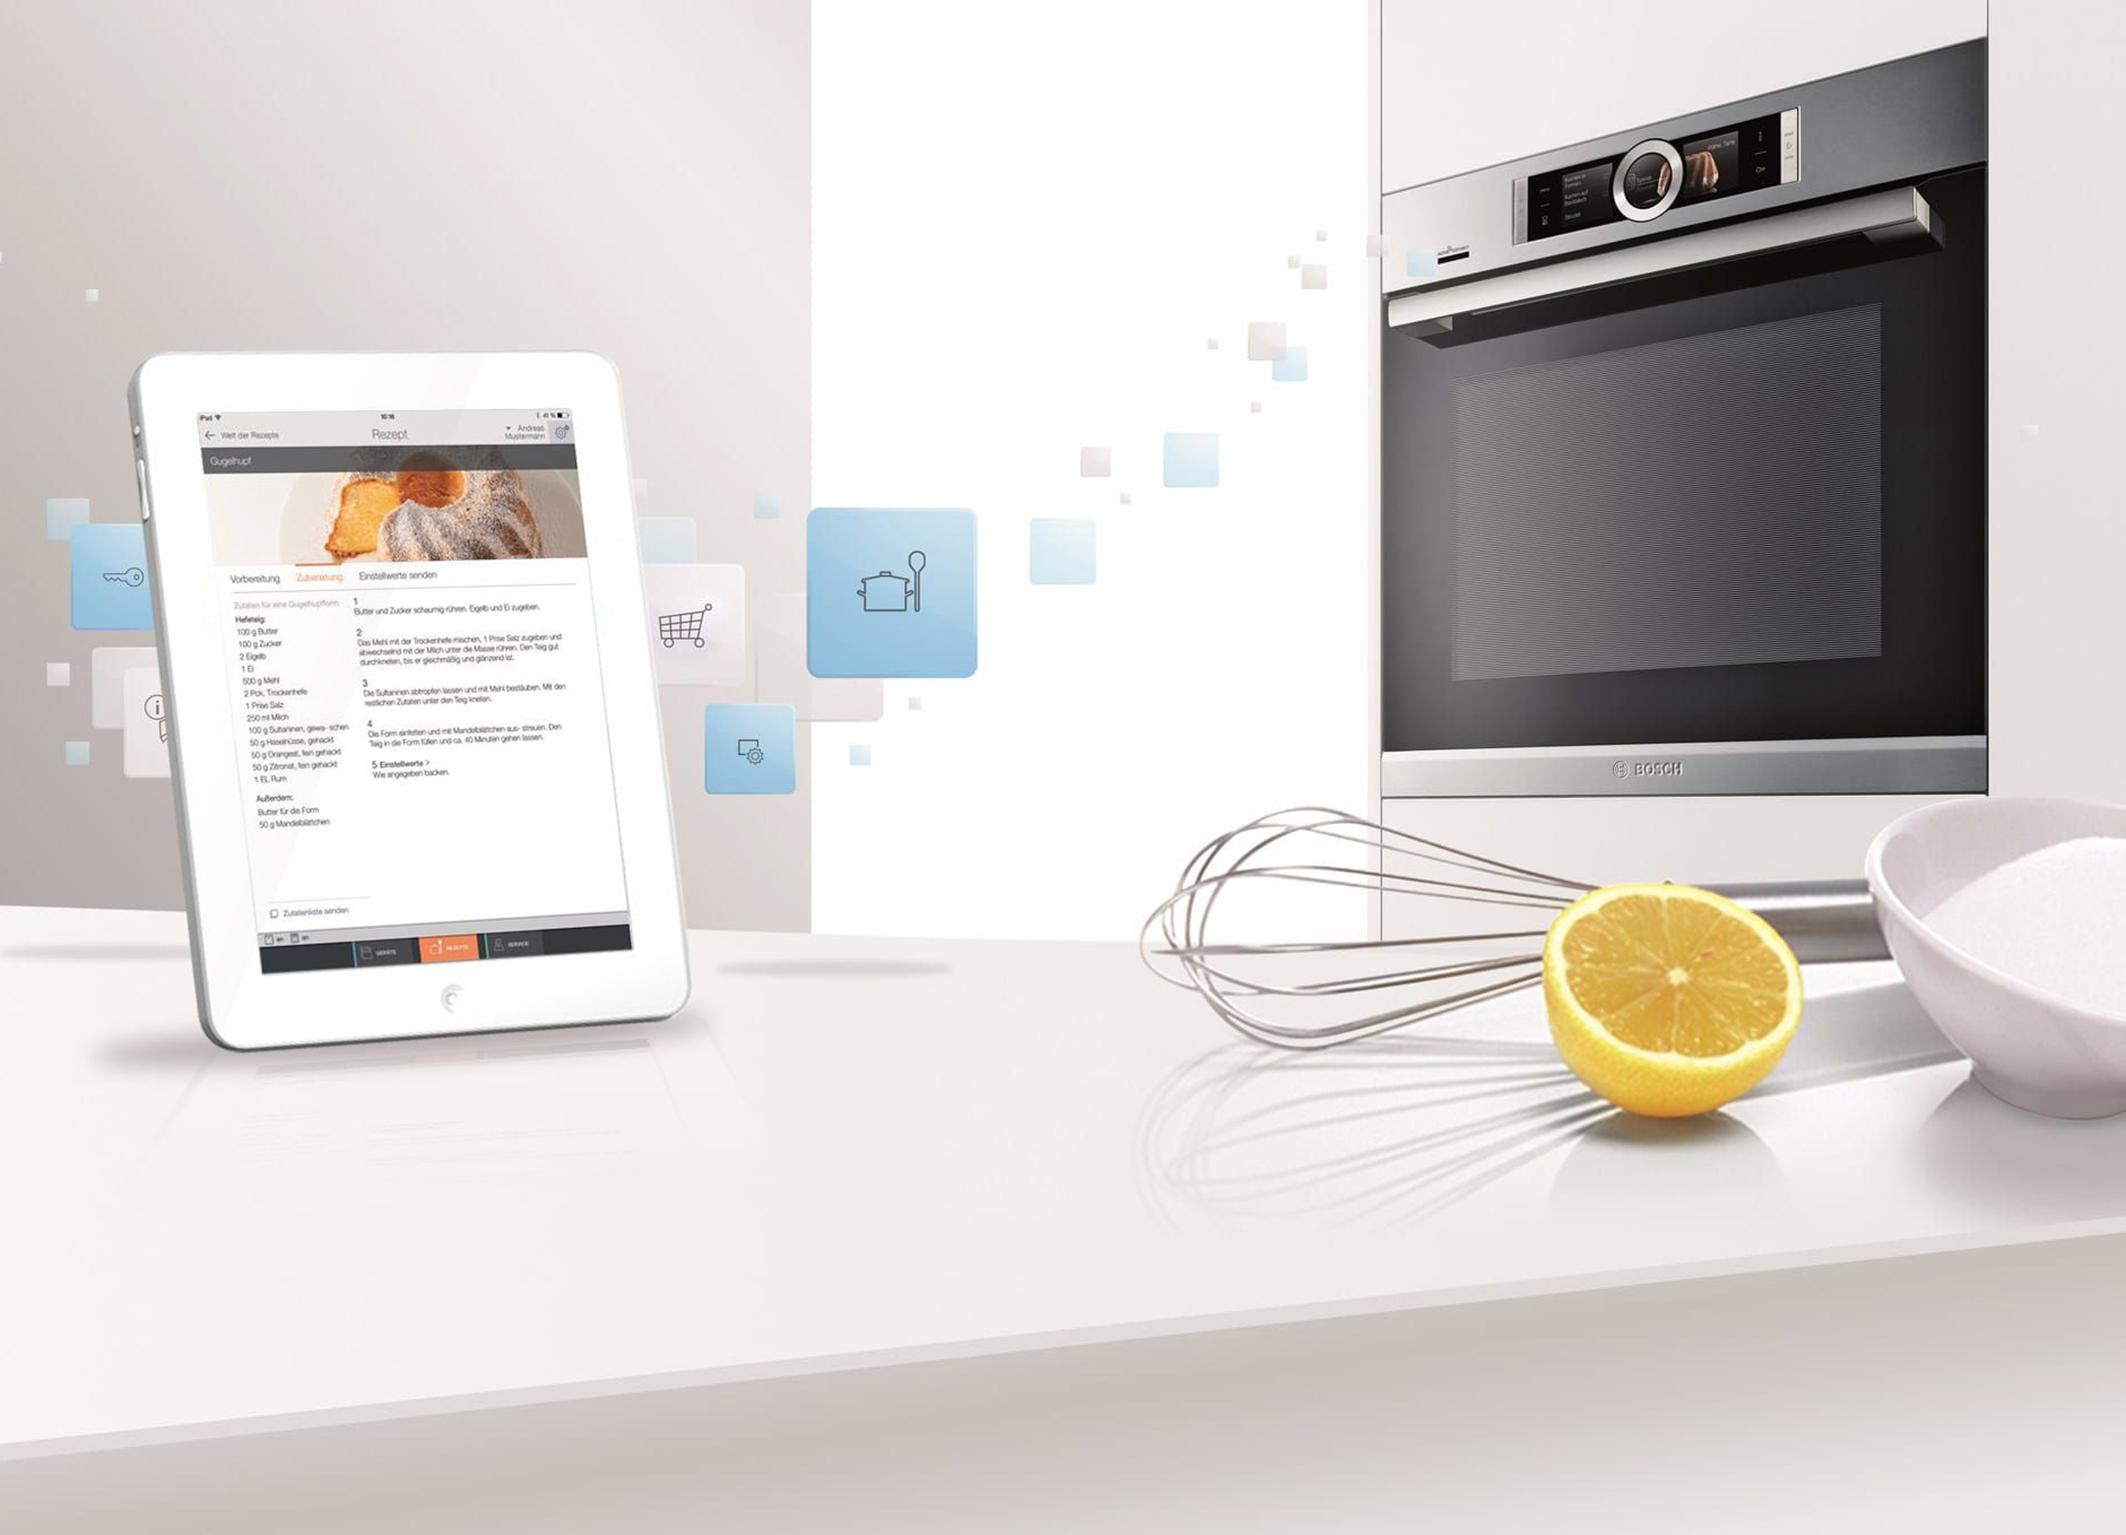 Die High-Tech Küche: Vernetzte Hausgeräte